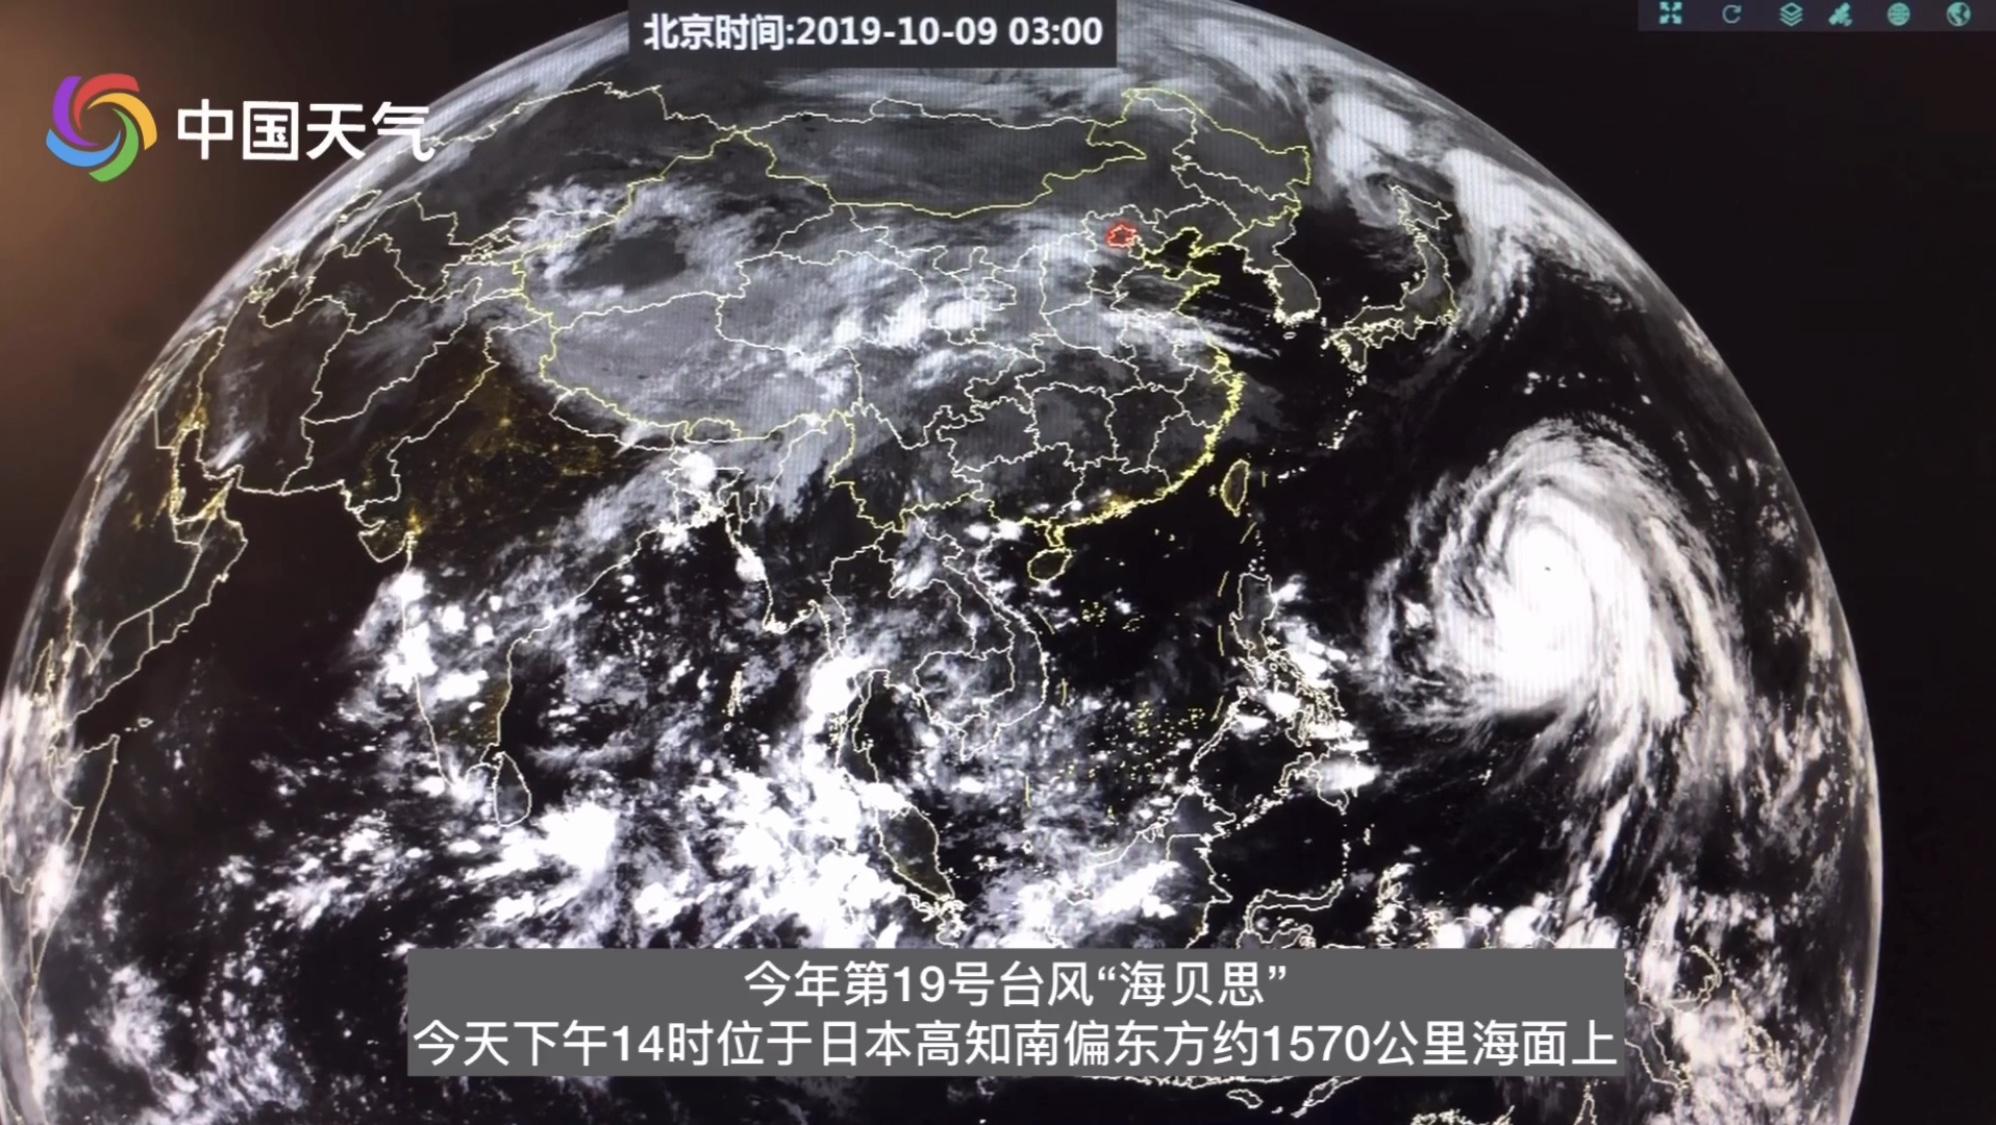 """星眼看地球:台风""""海贝思""""仍维持超强台风级"""